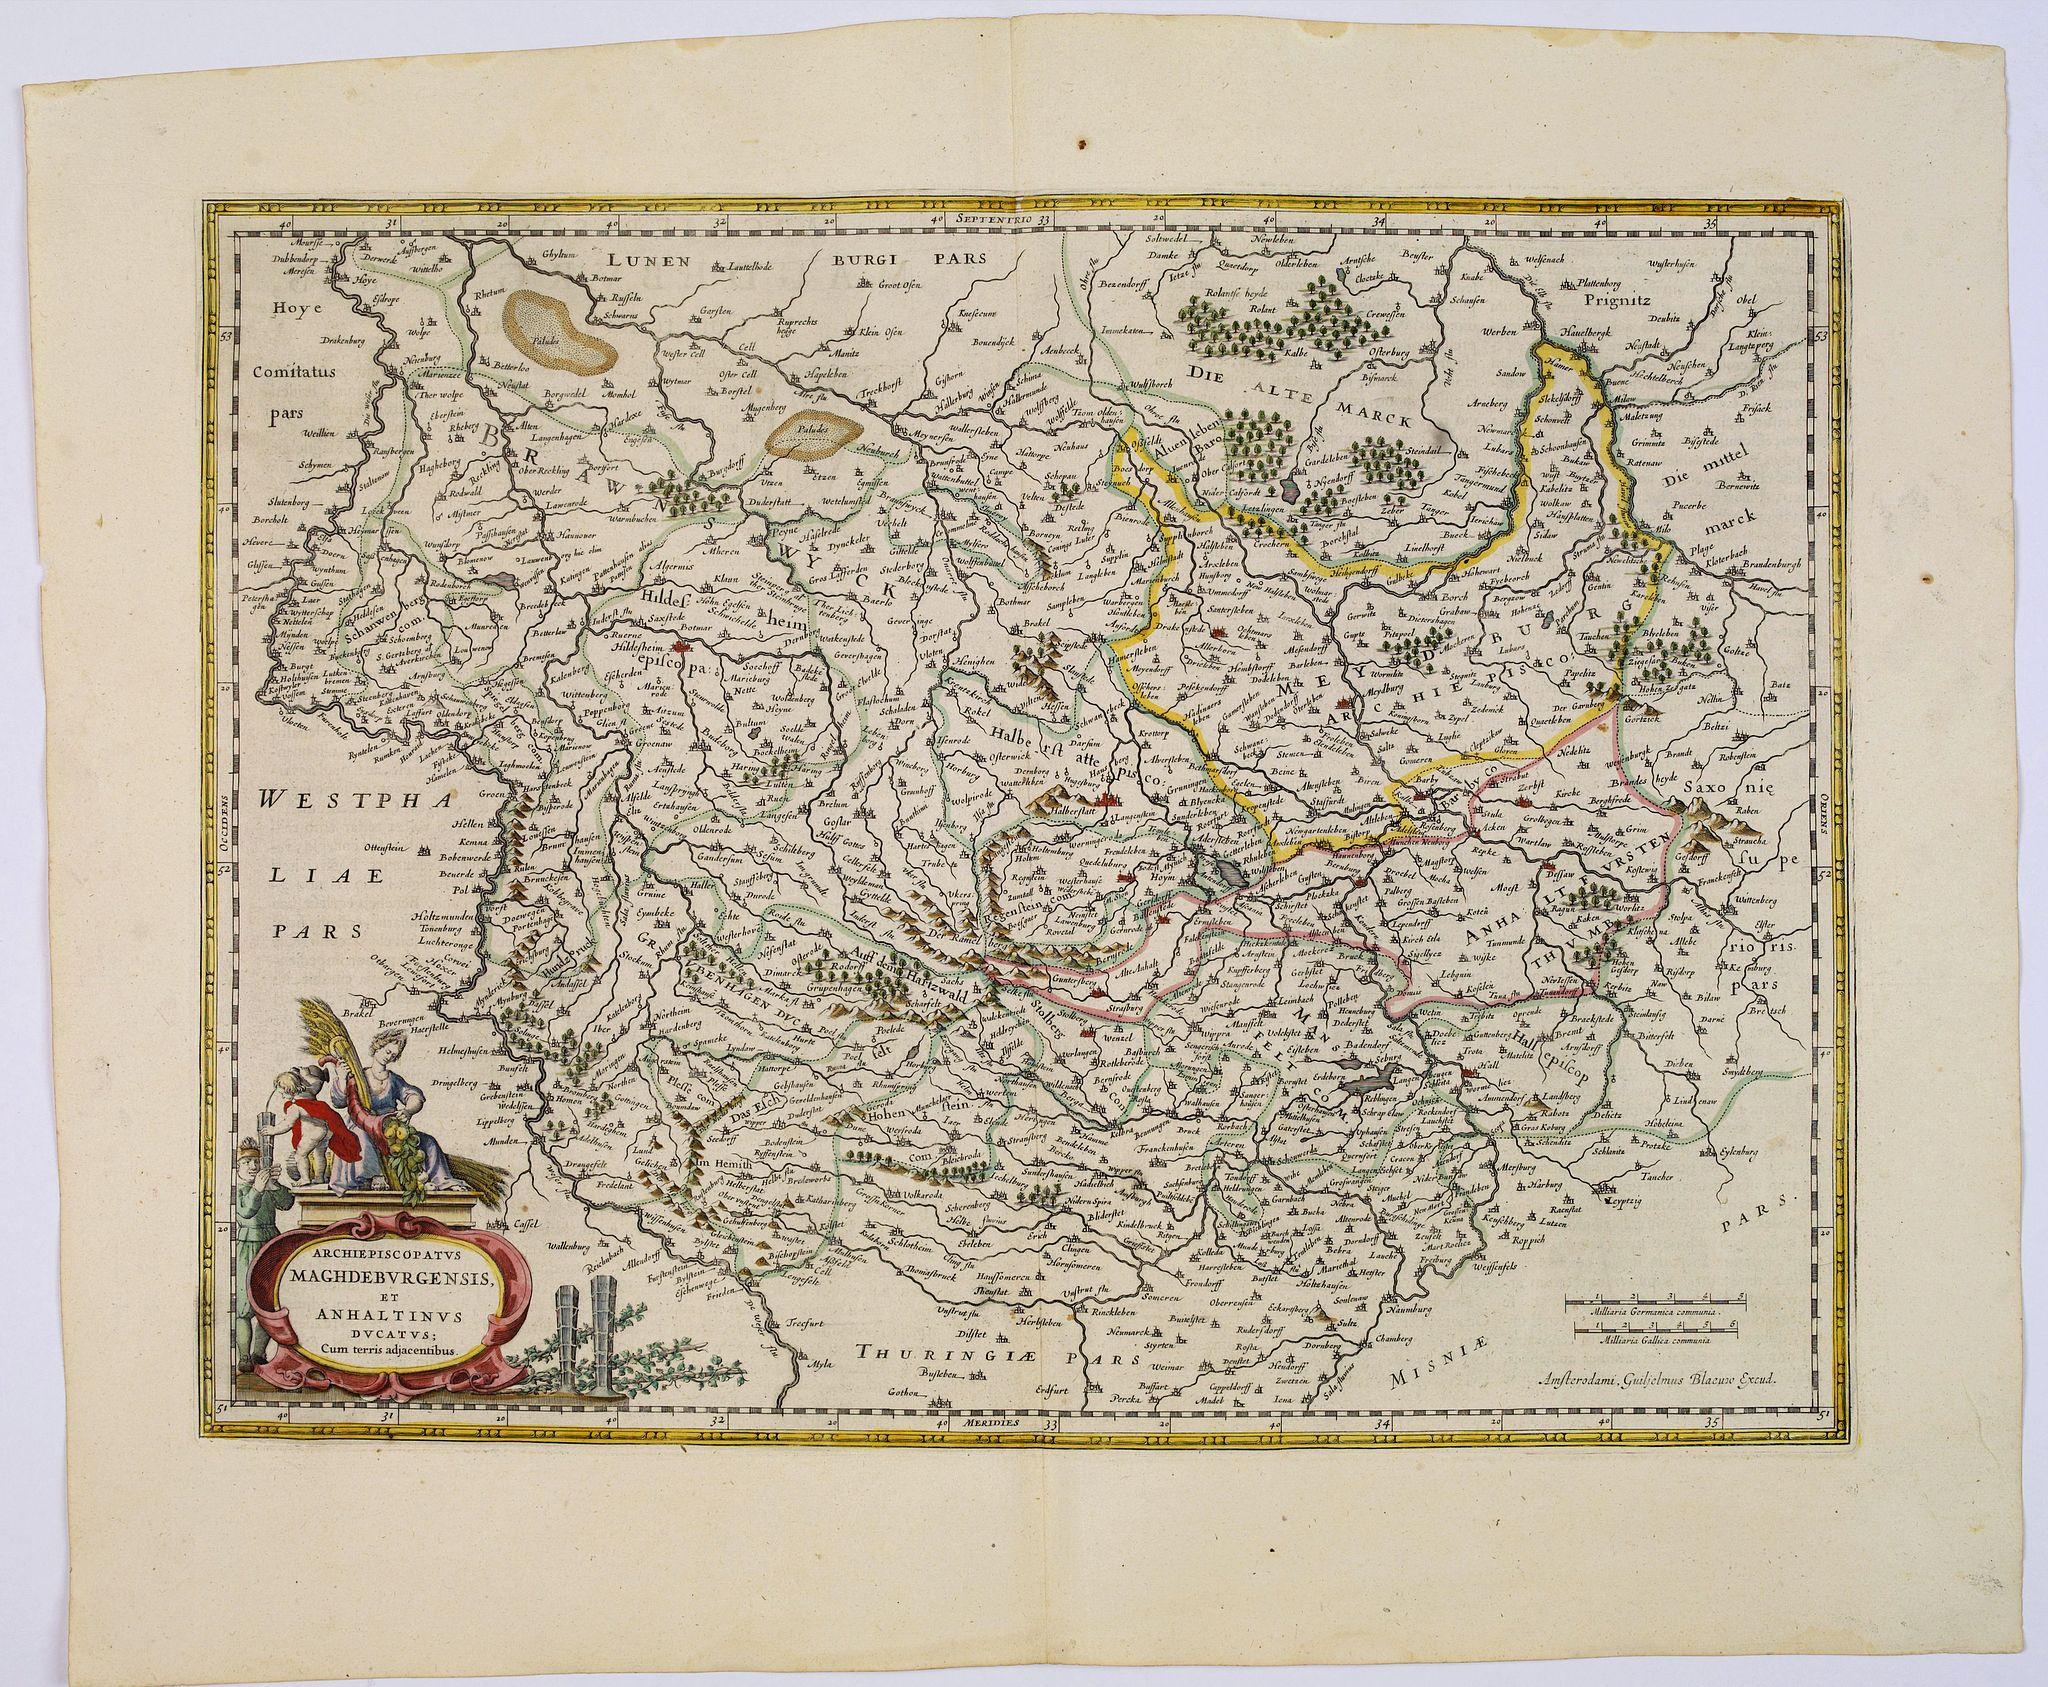 BLAEU, J. -  Archiepiscopatus Maghdeburgensis et Anhaltinus Ducatus.